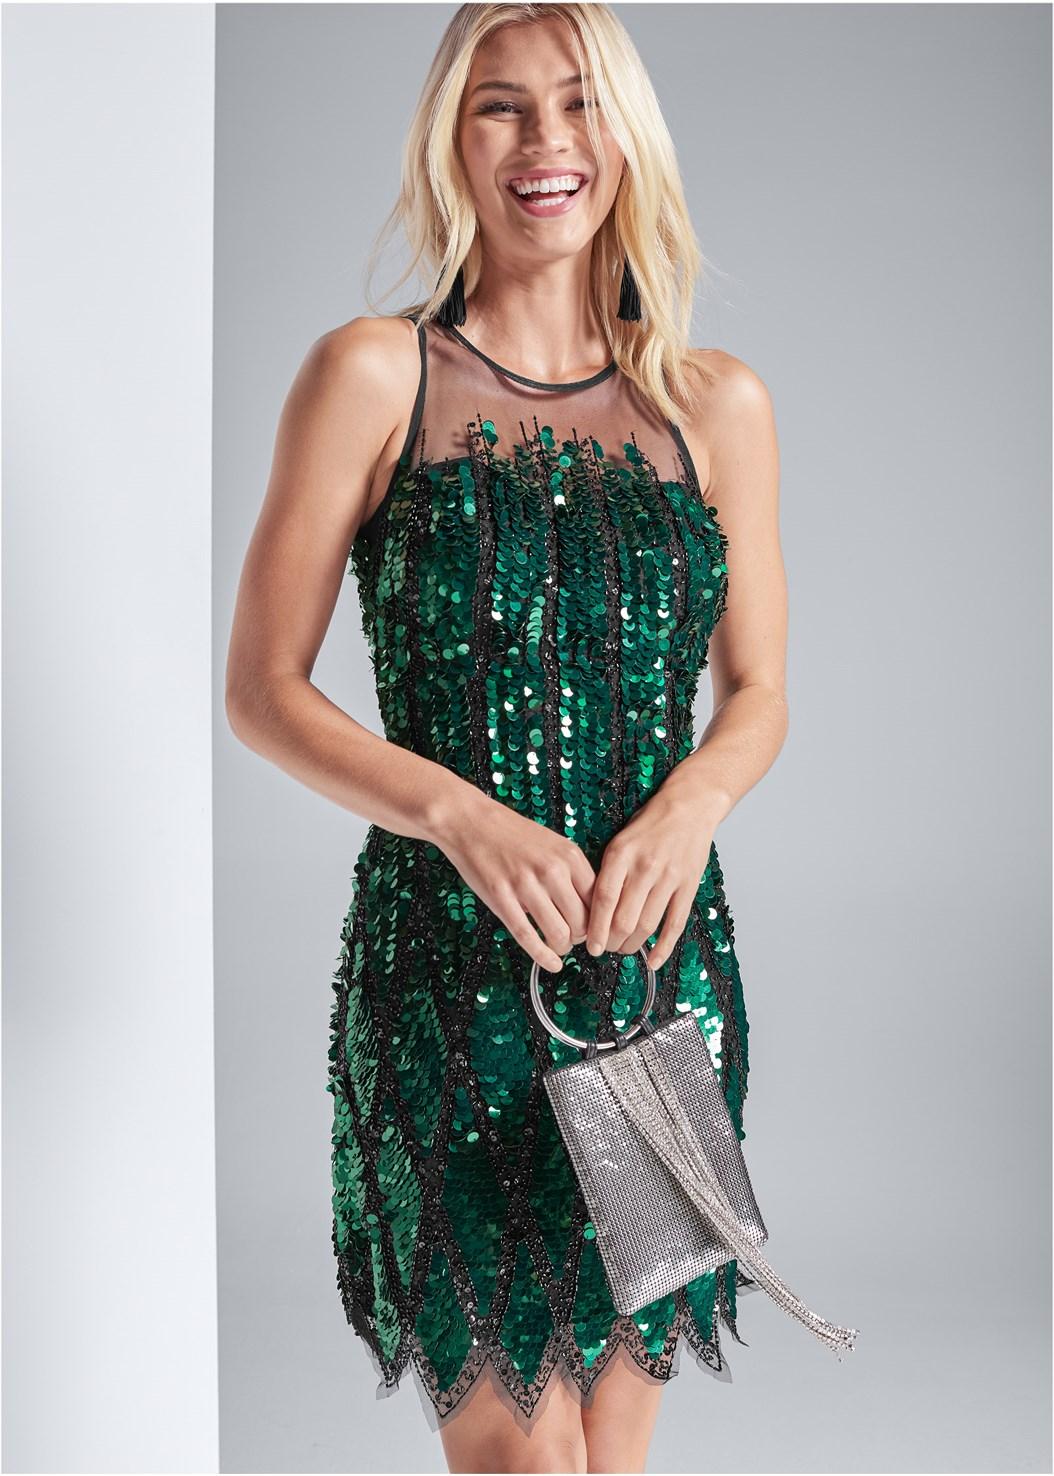 Sequin Embellished Dress,Embellished Strappy Heel,Jewel Fringe Earrings,Embellished Bag